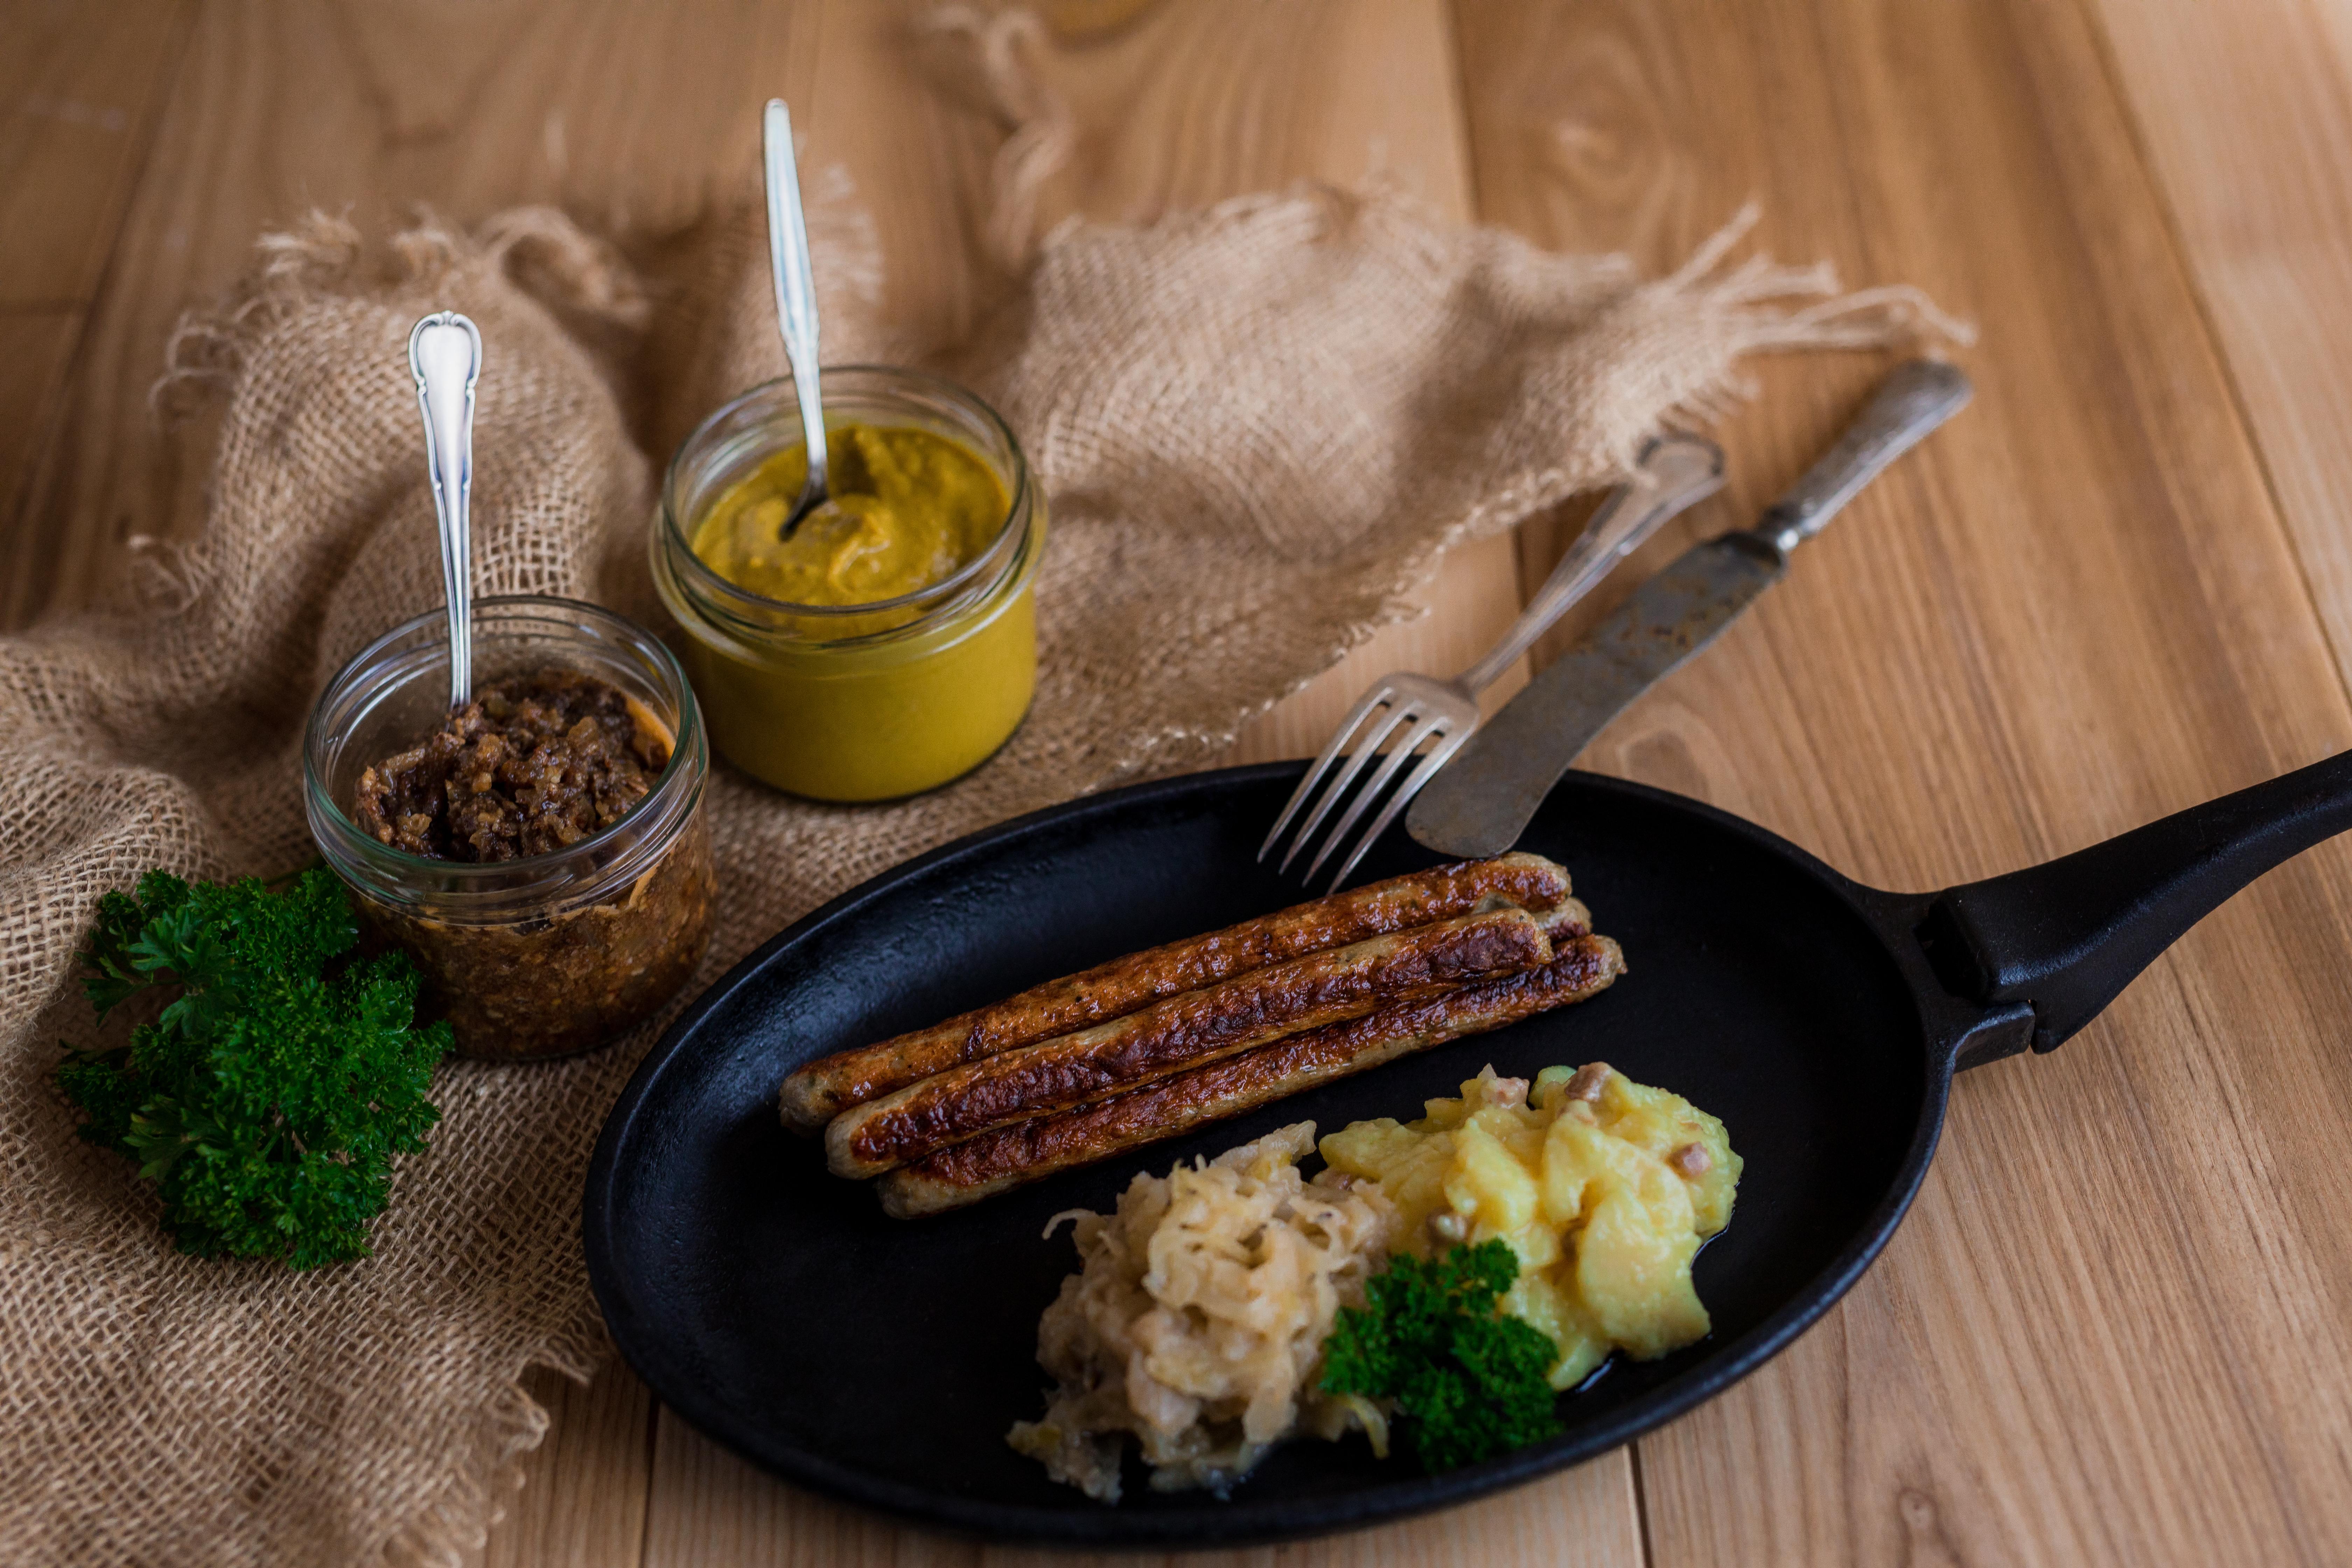 Gebratene Klammerwürste in einer Pfanne mit Sauerkraut und Salatbeilage. Neben der Pfanne Gläser mit Saucen. Untergrund aus Holz.